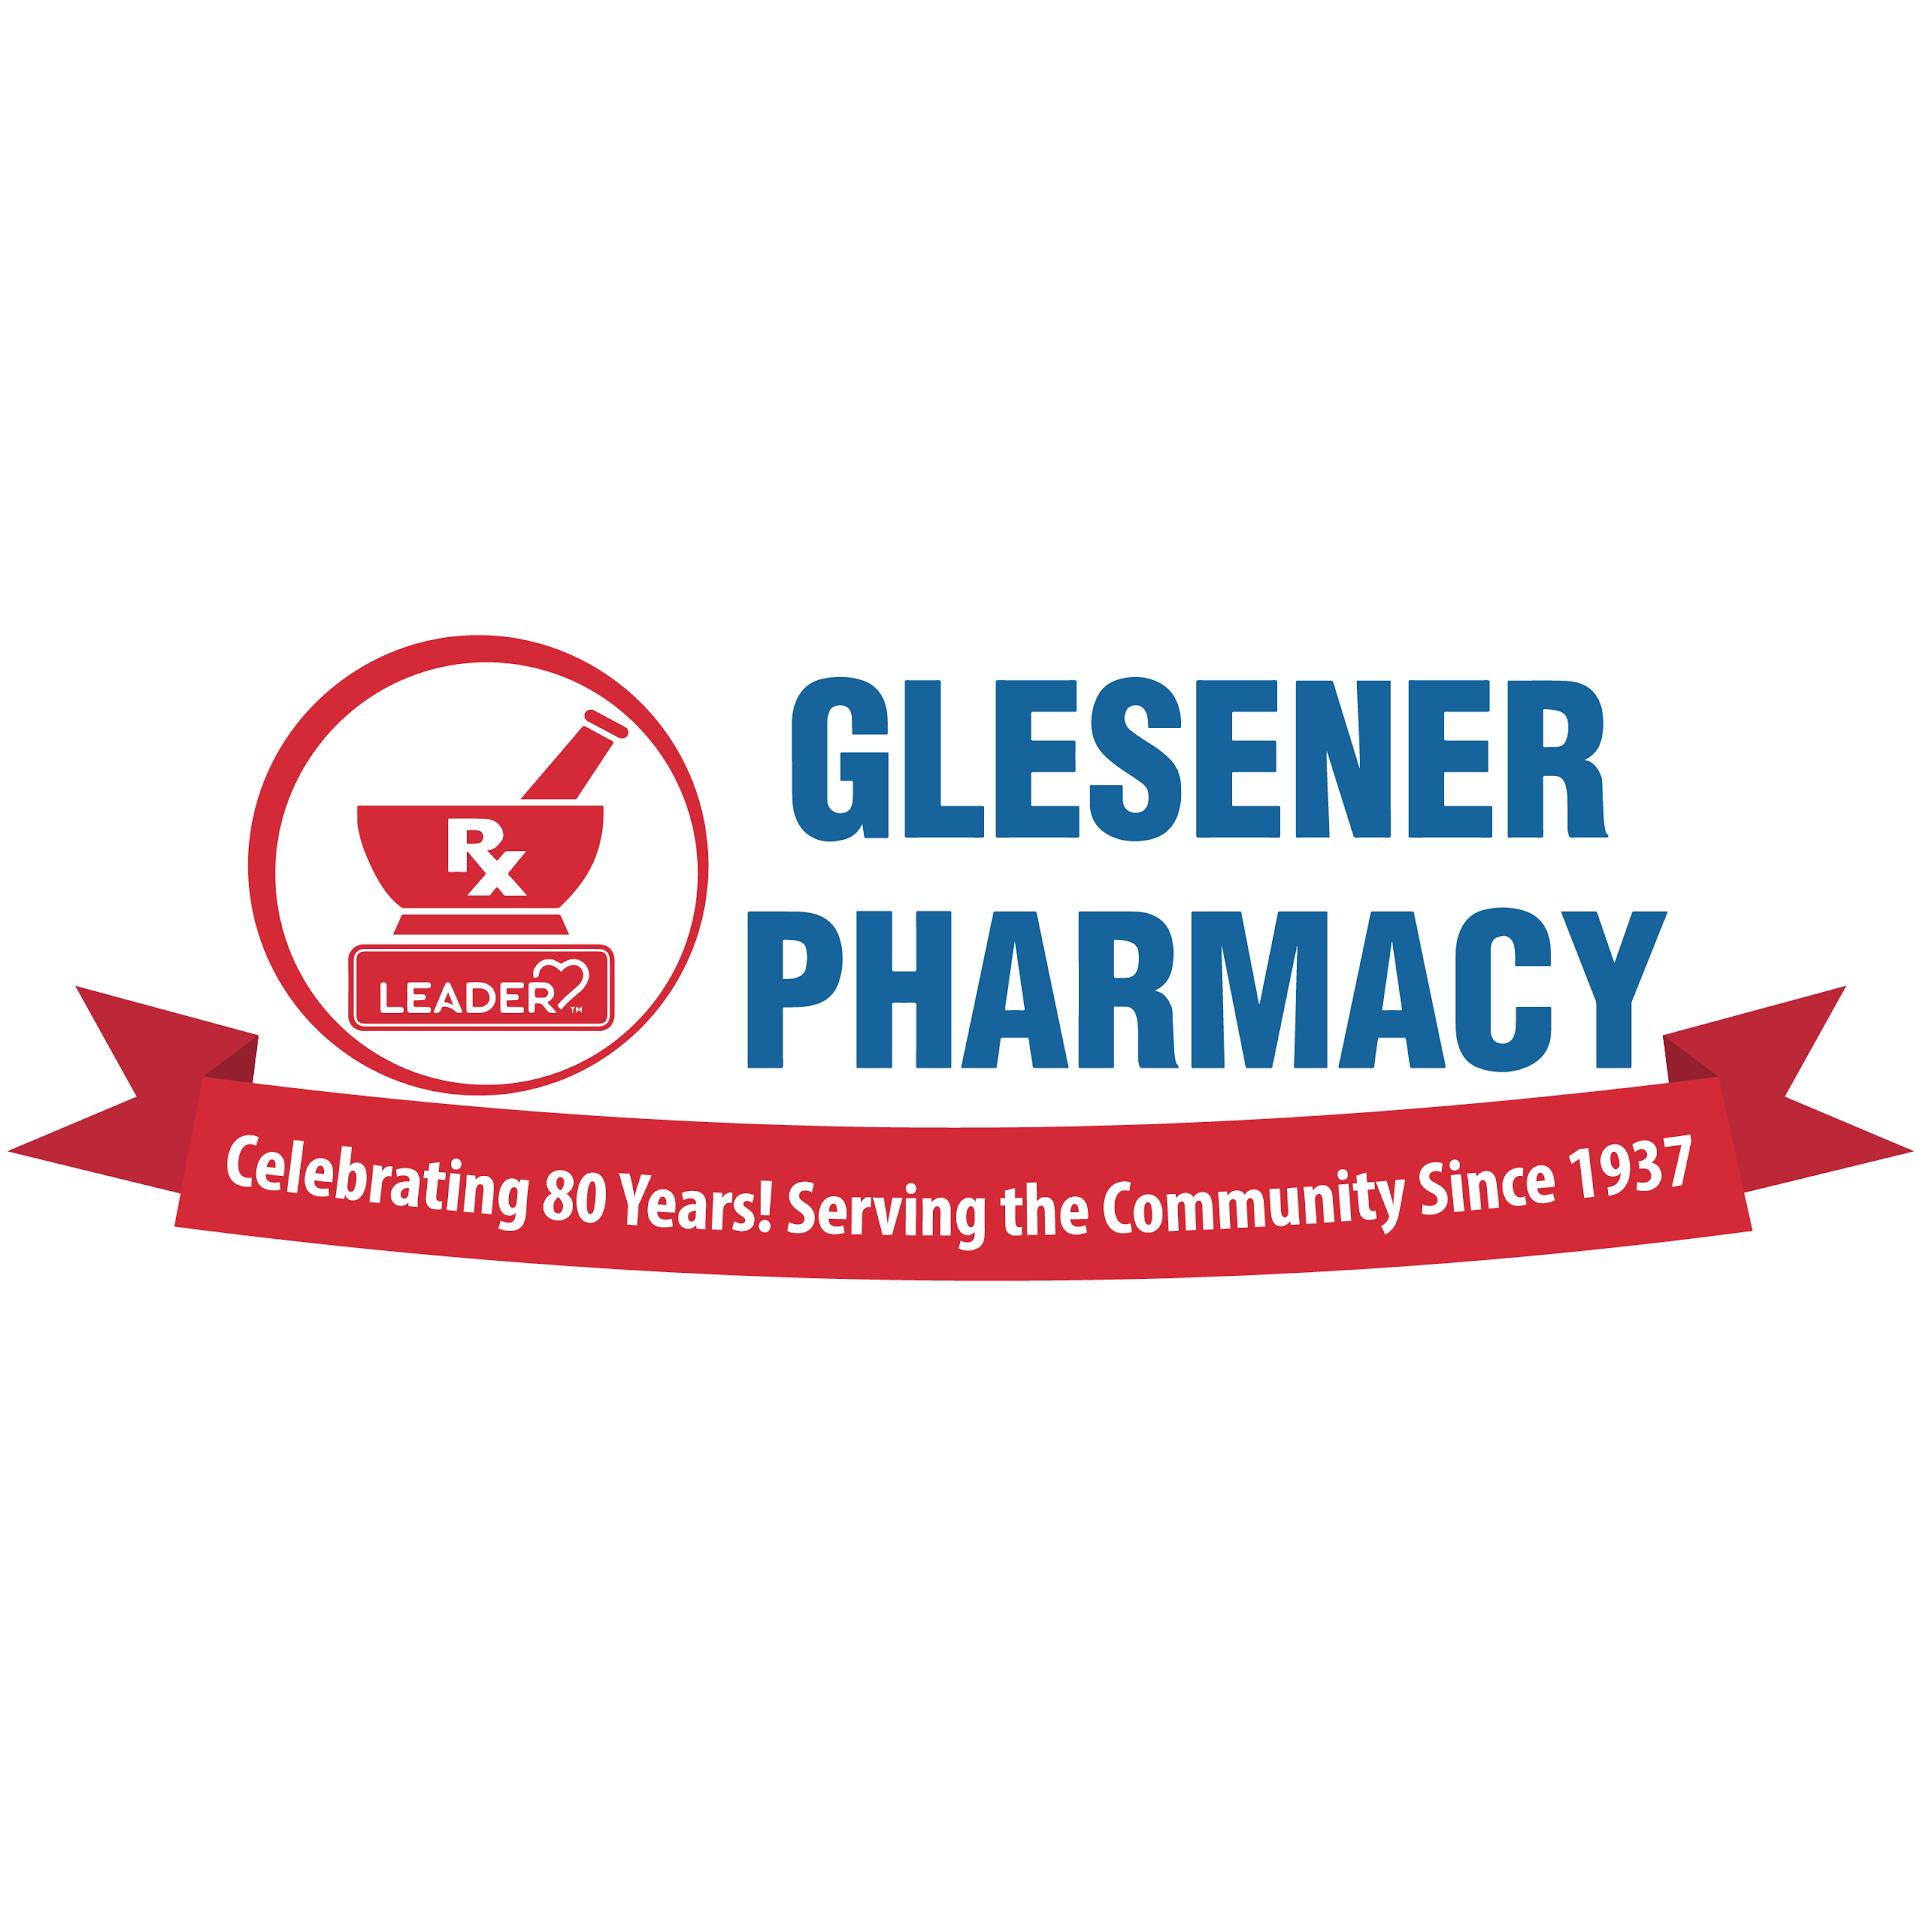 Glesener Pharmacy